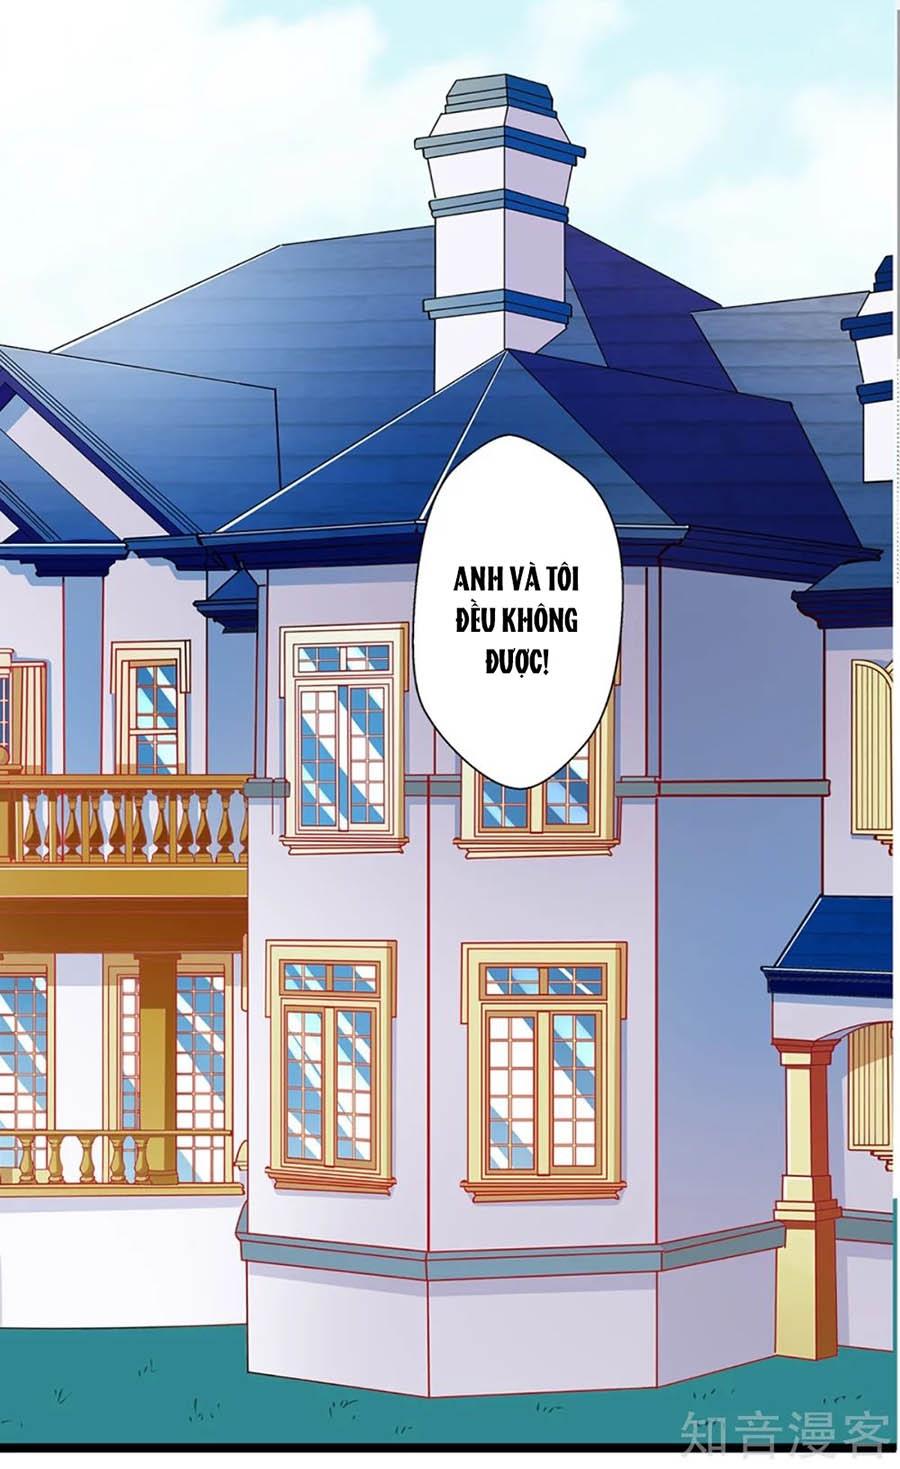 Cưng Chiều Ái Thê Hư Hỏng chap 64 - Trang 43